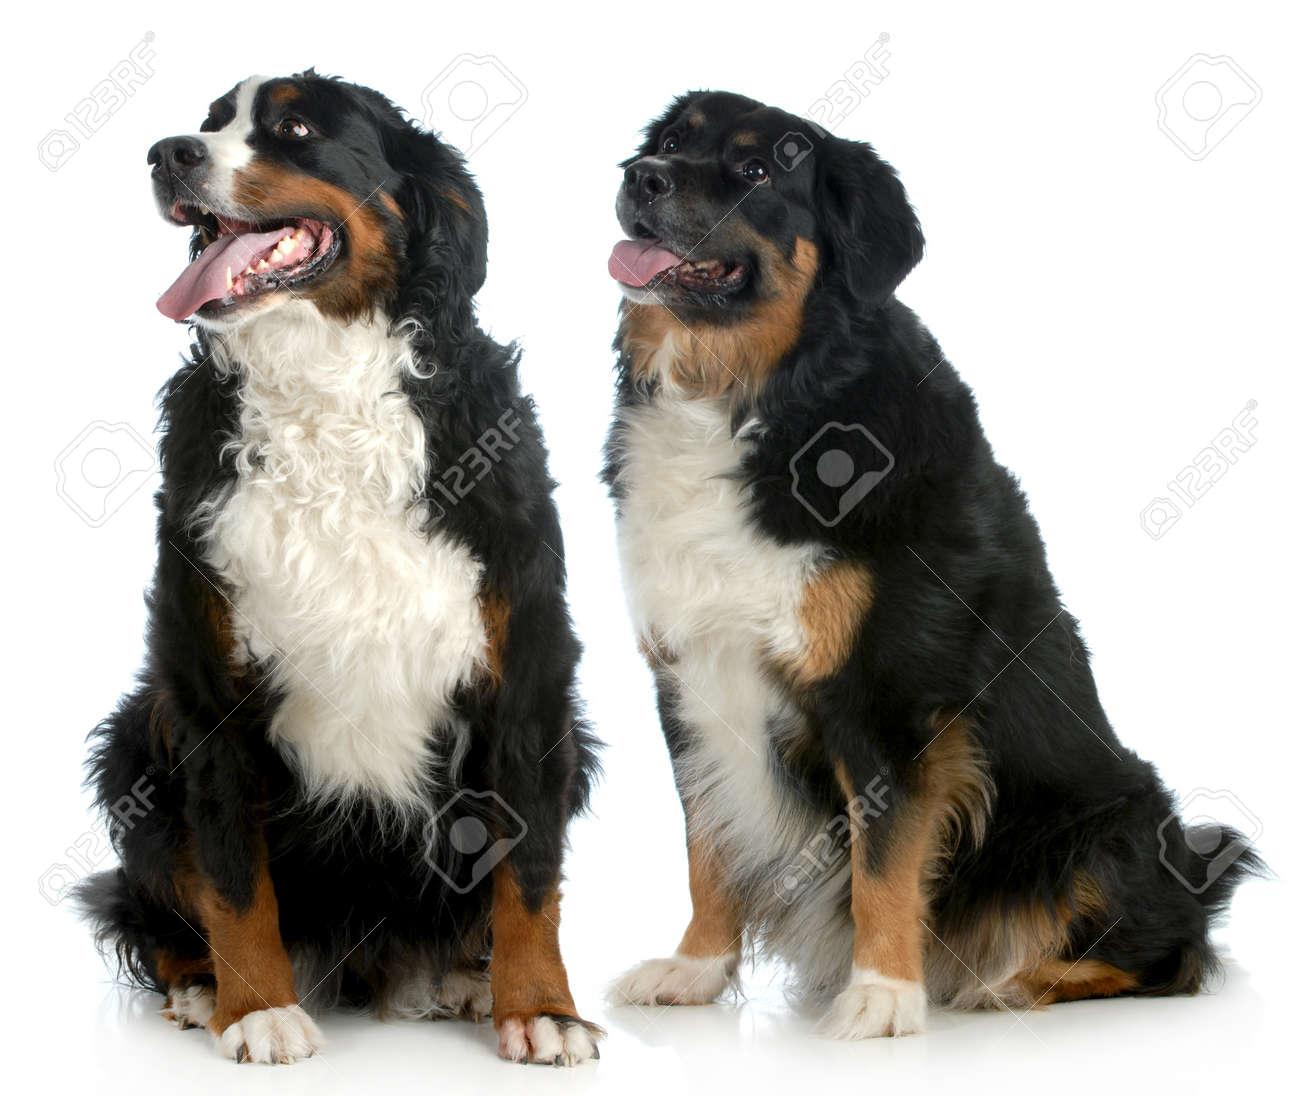 due cani di grossa taglia - cani di tipo bovaro bernese seduto